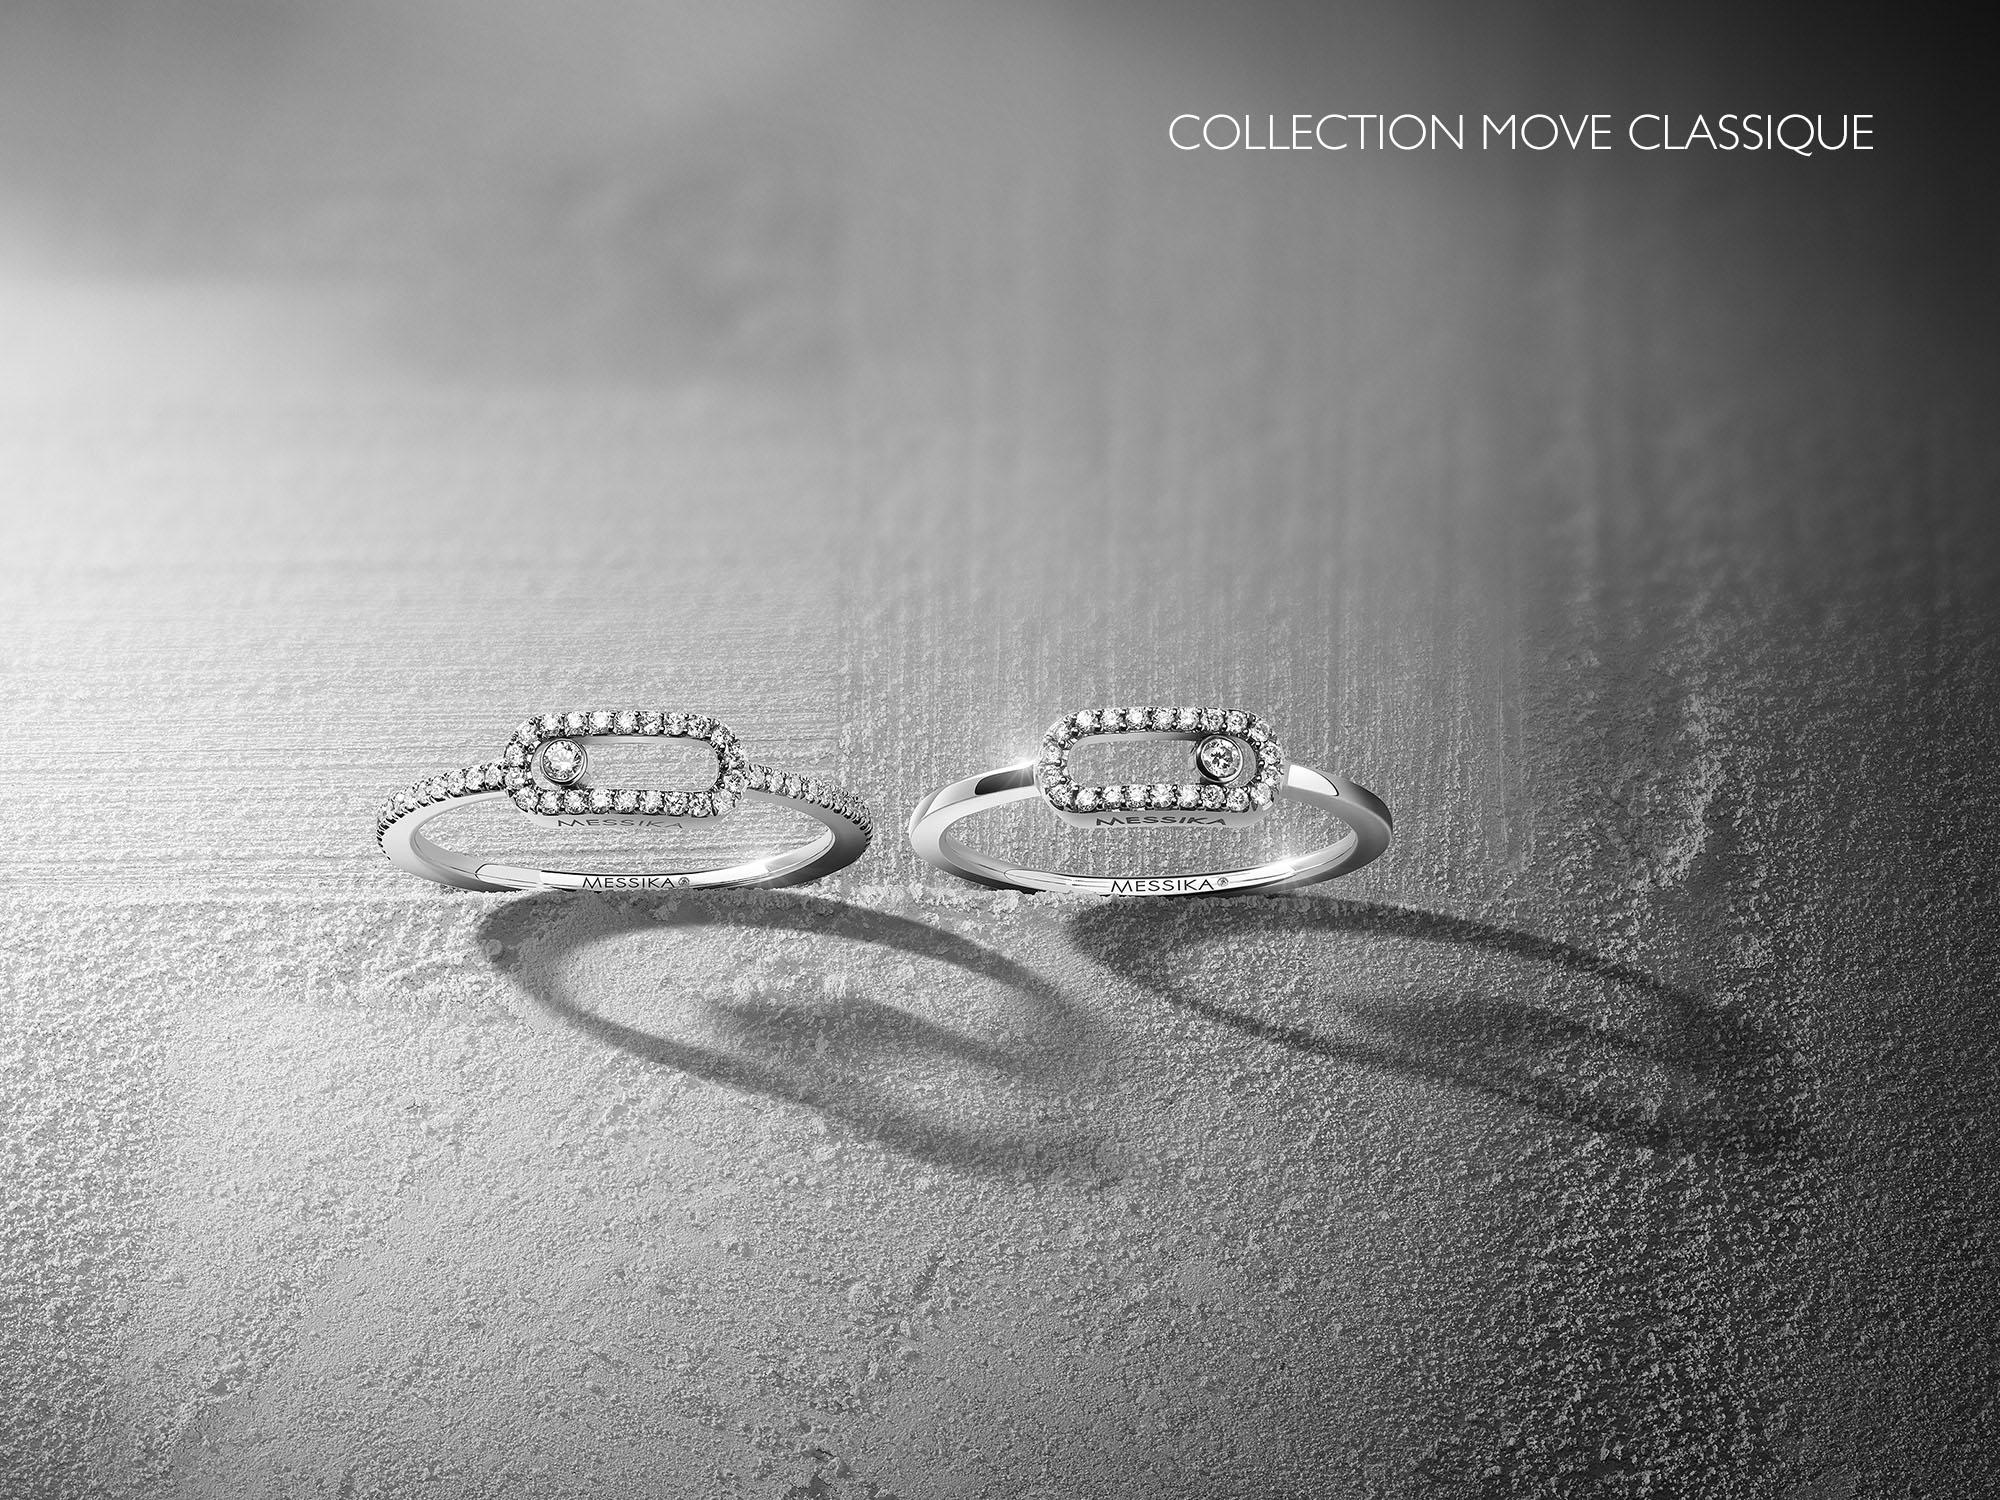 messika-paris-collection-move-classique